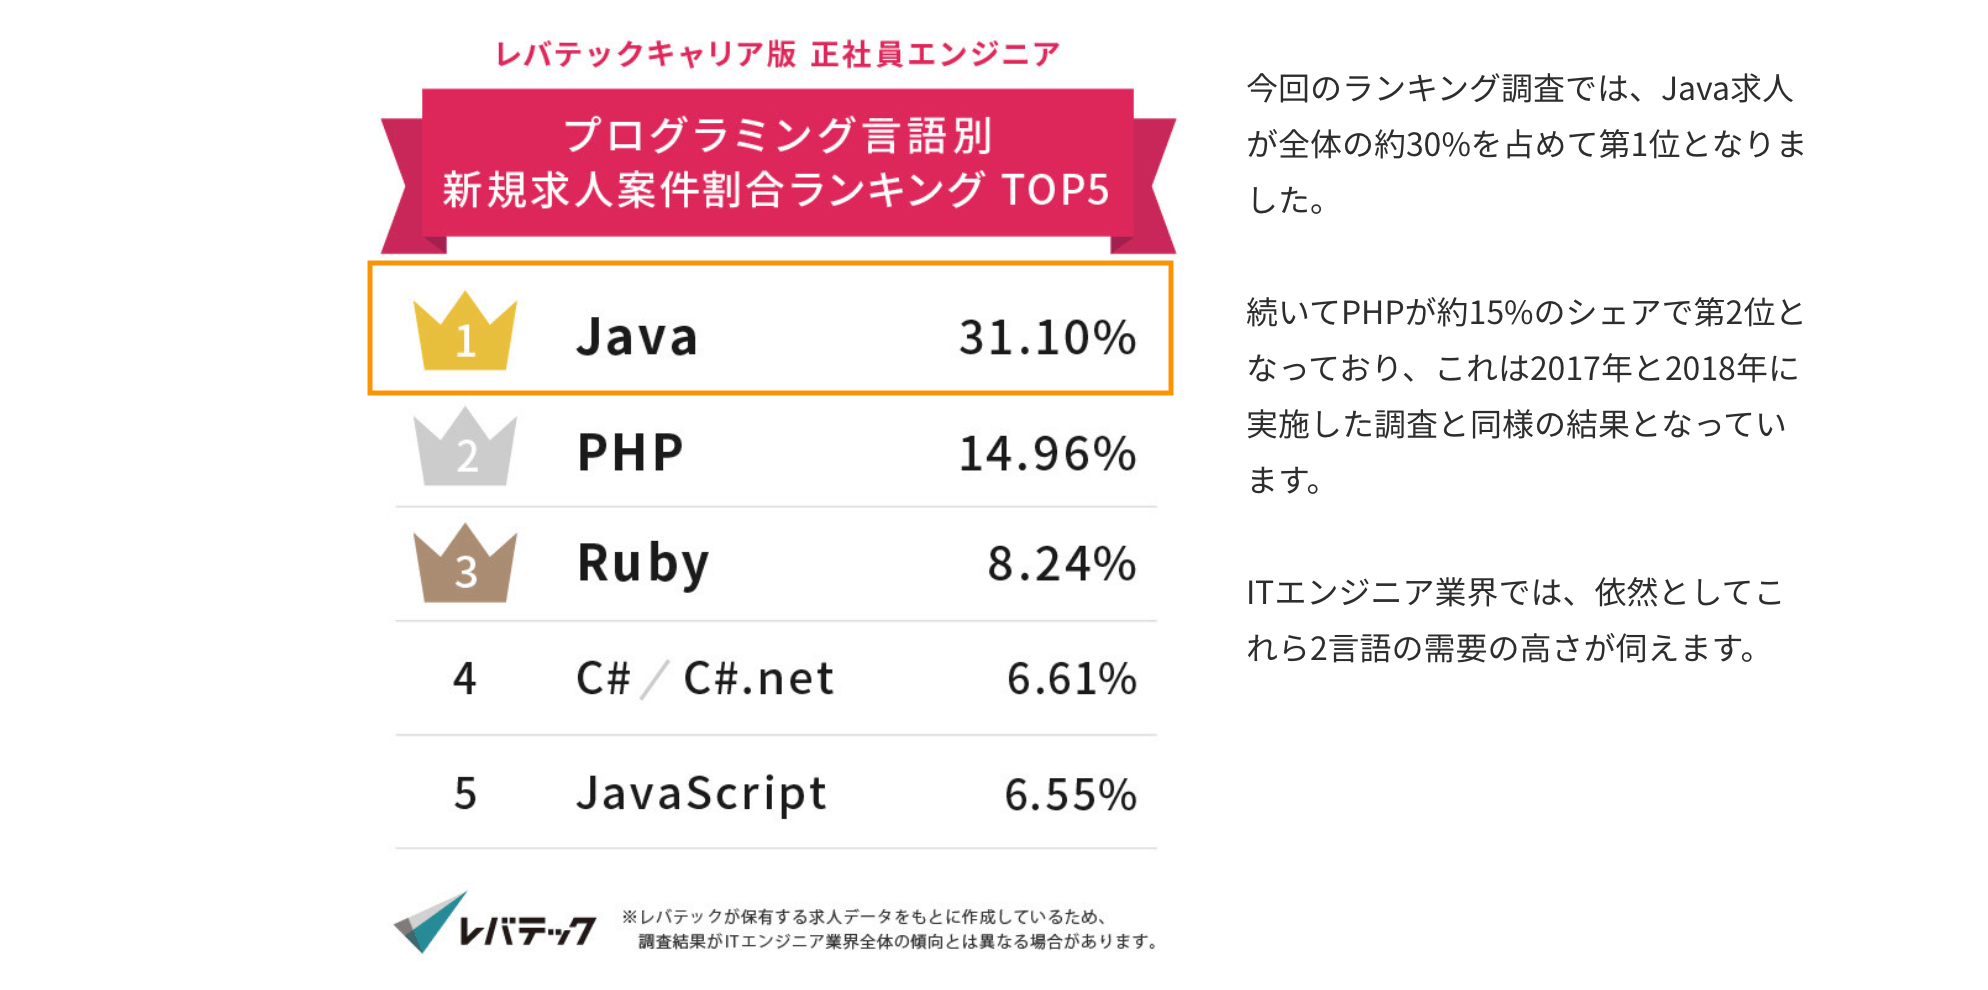 Java 需要